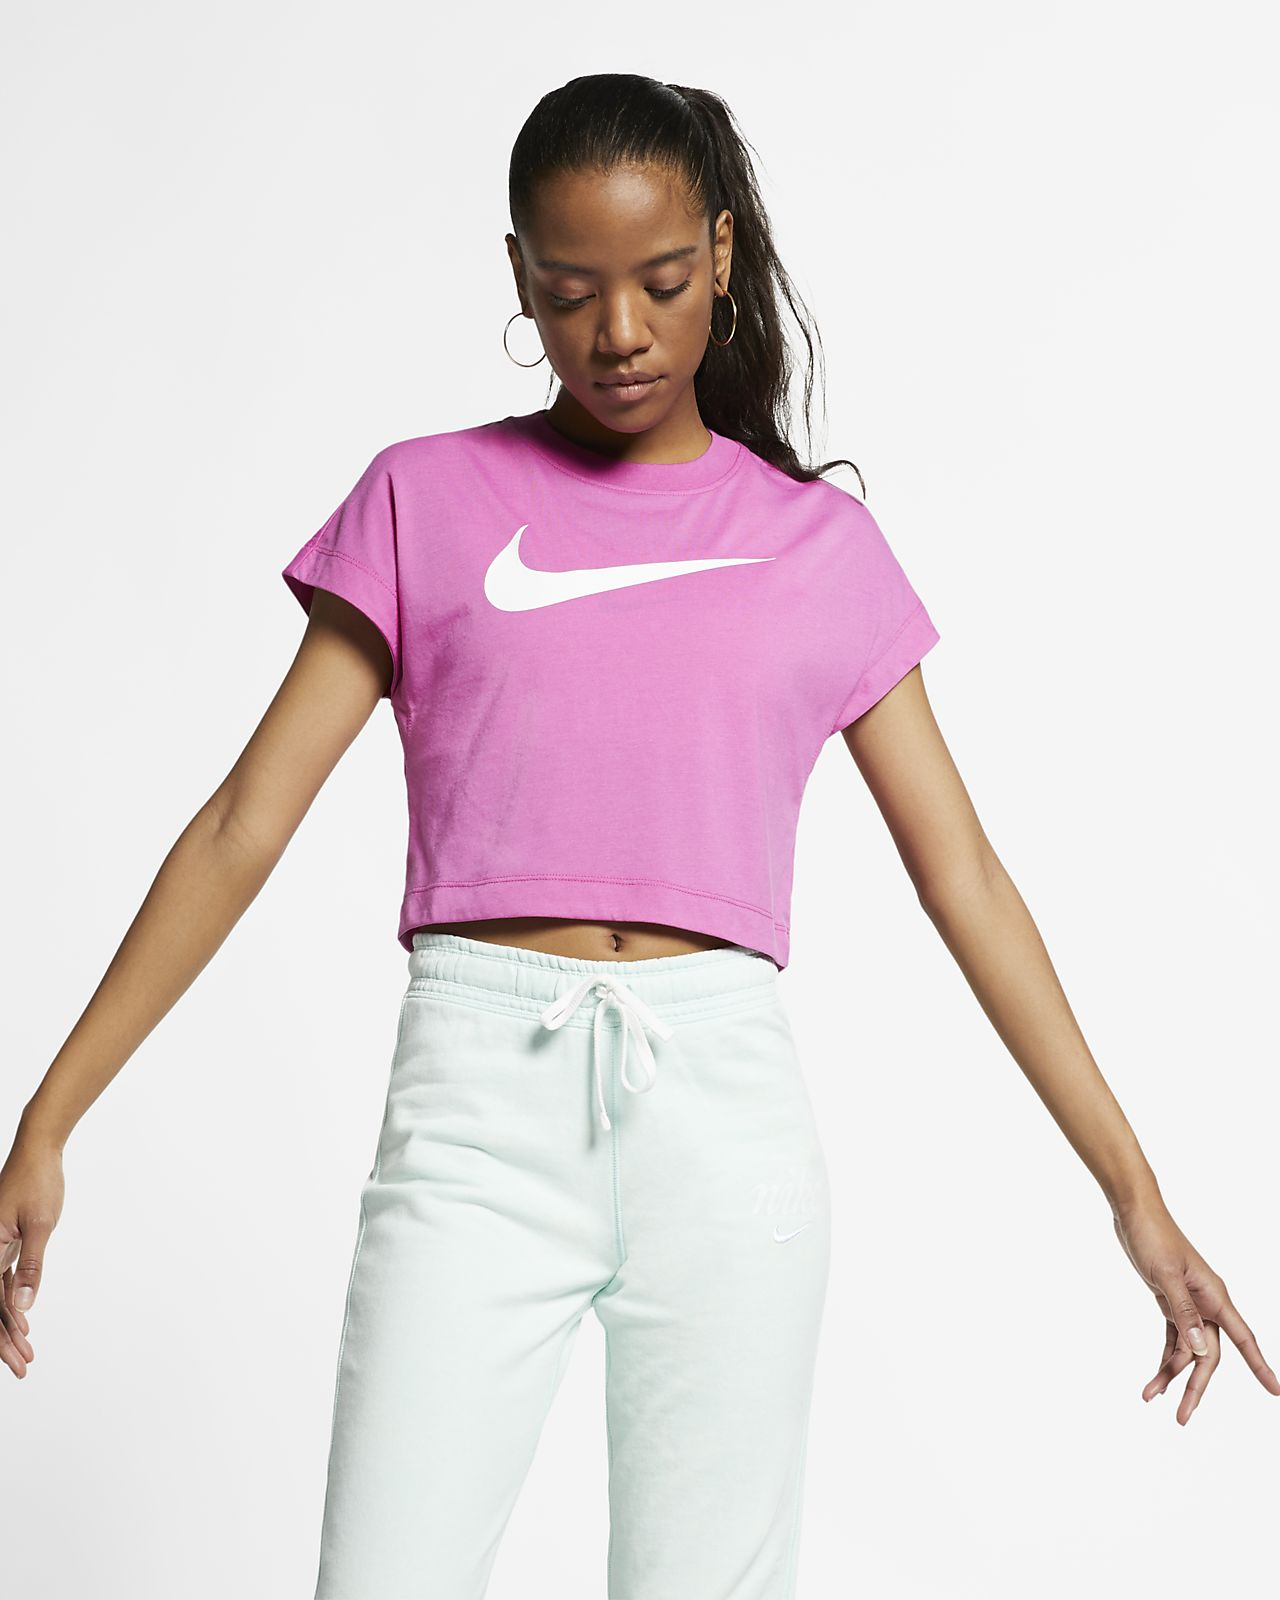 9df8620d265 Nike Sportswear Women's Swoosh Short-Sleeve Crop Top. Nike.com AU